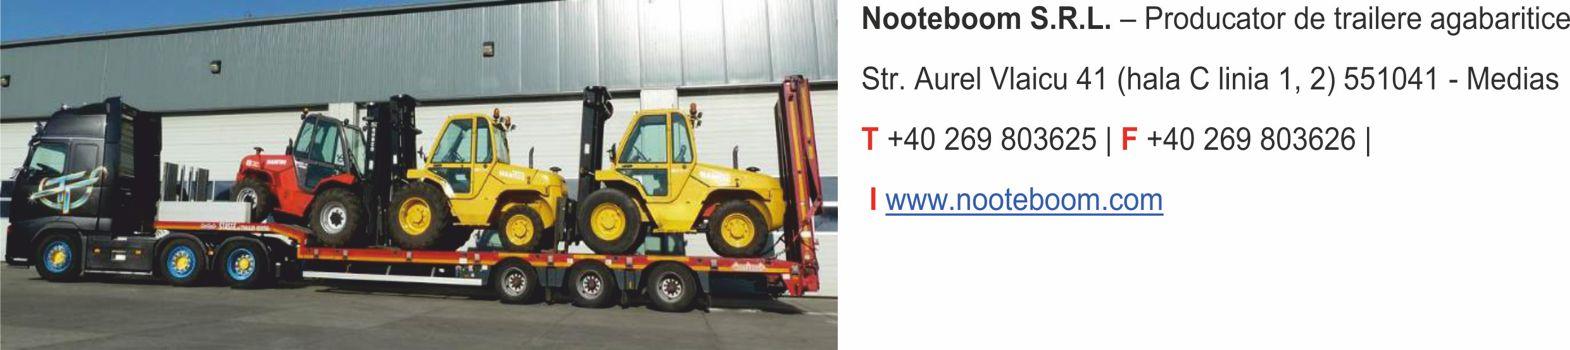 nooteboom www_autm_ro